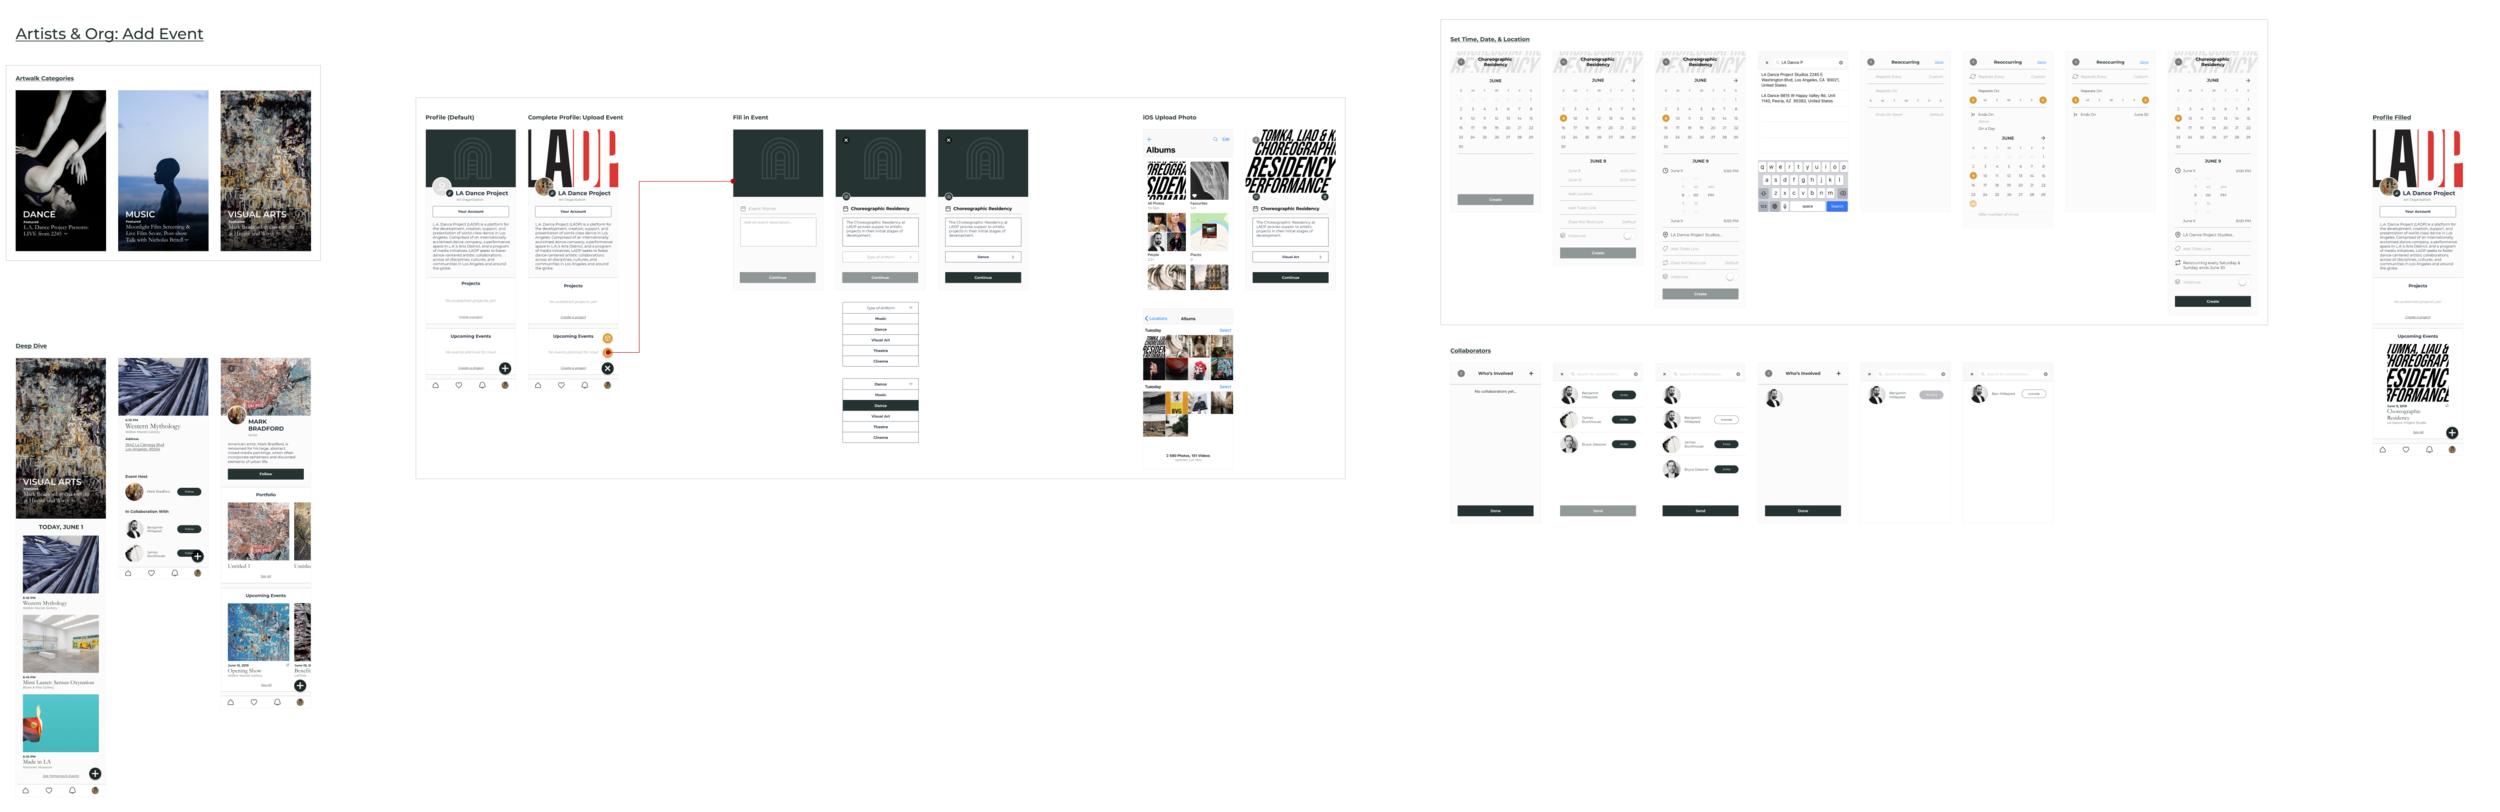 Product_Artwalk.png